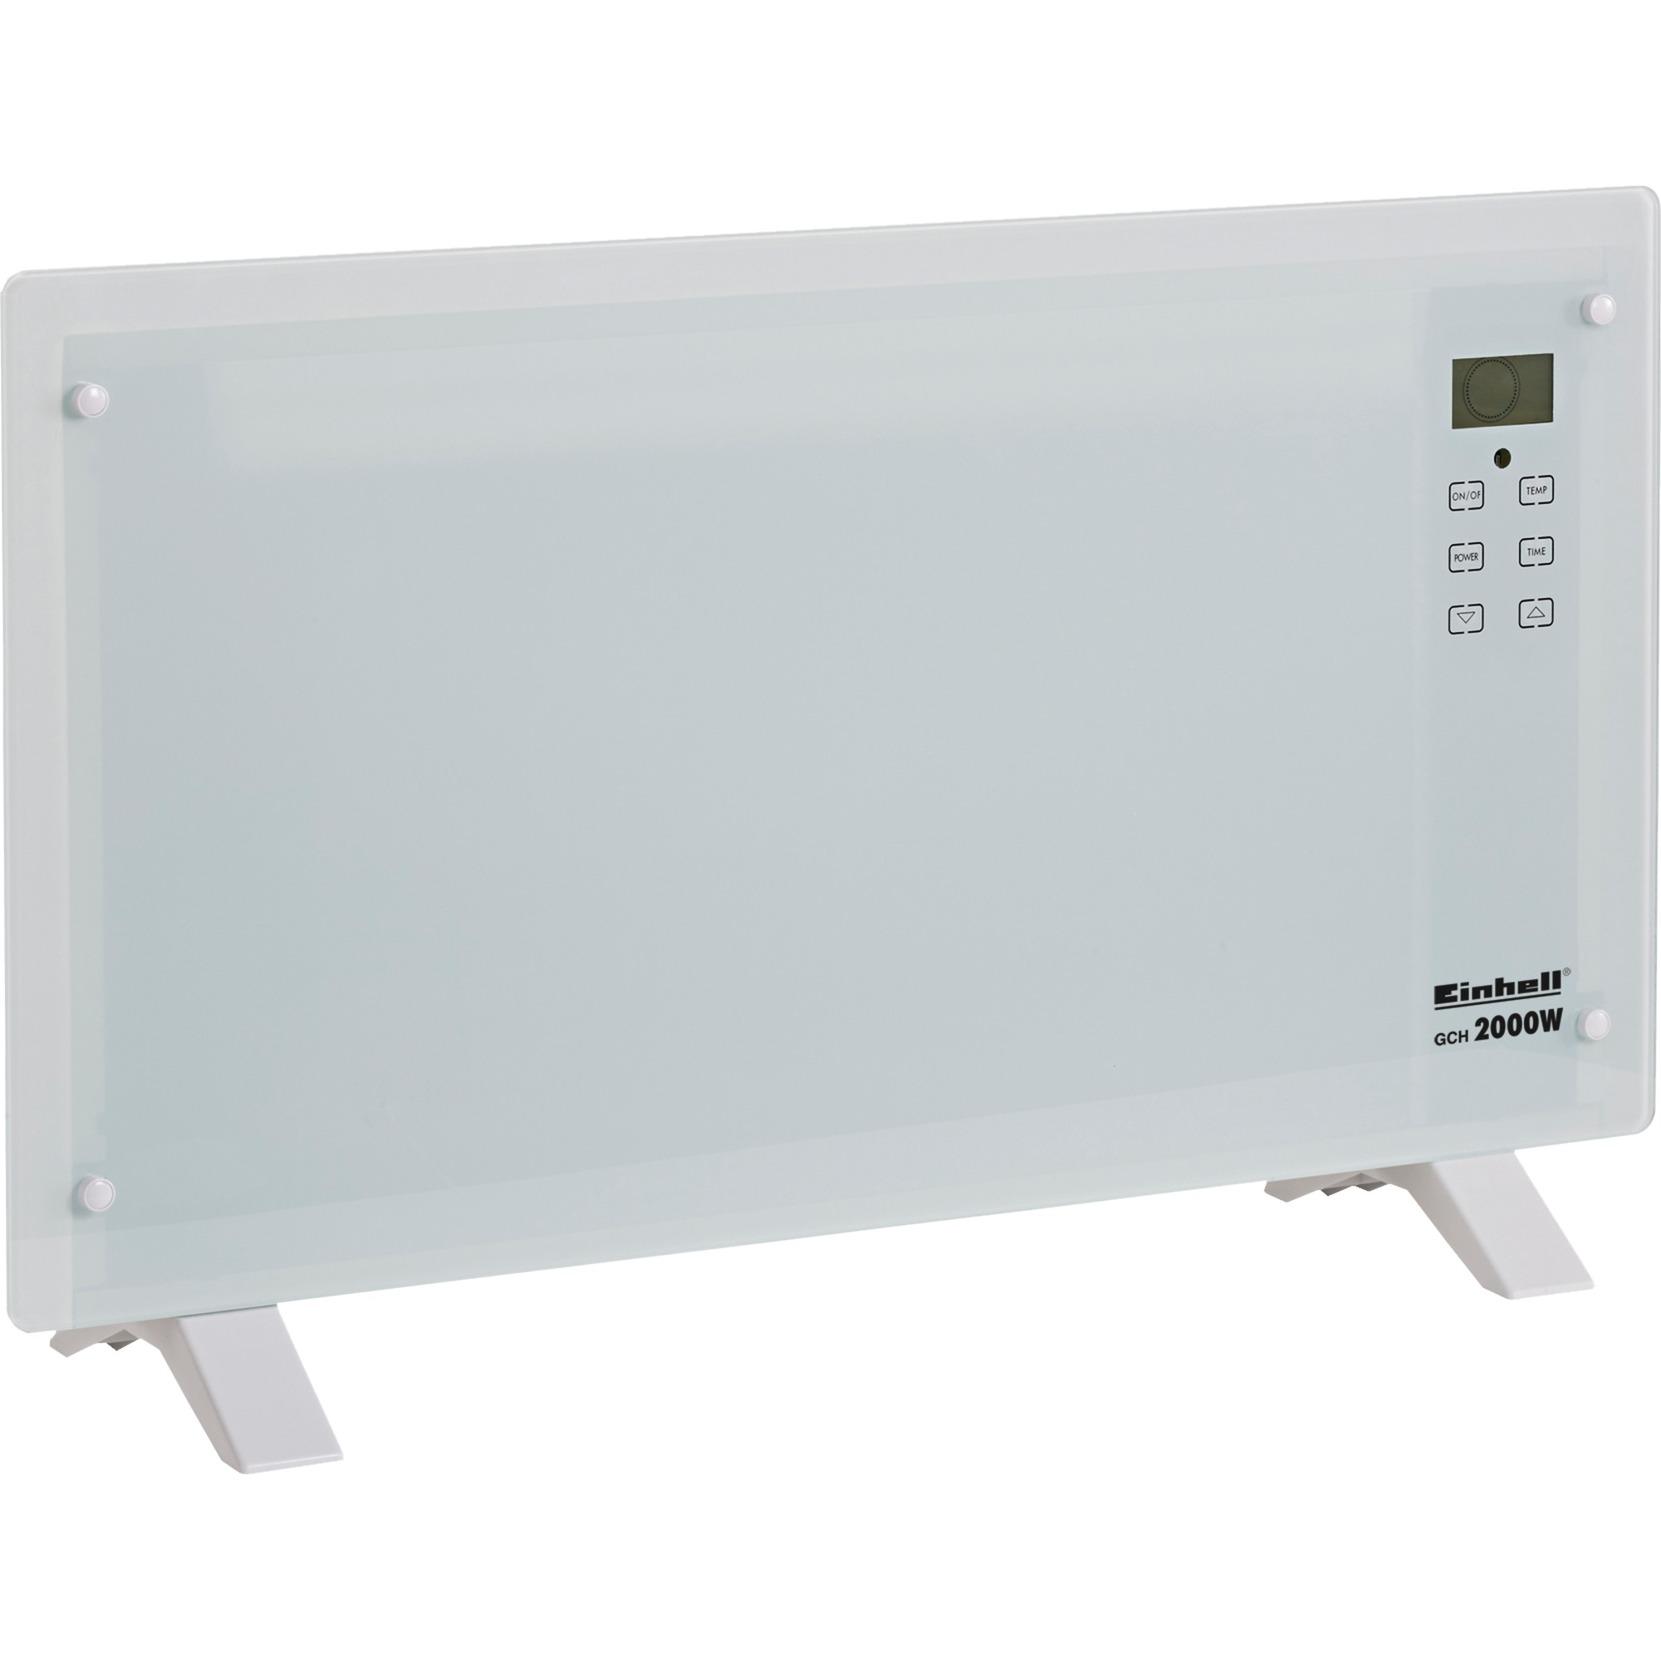 2338661 Interior Blanco 2000W Radiador calefactor eléctrico, Convector de pie